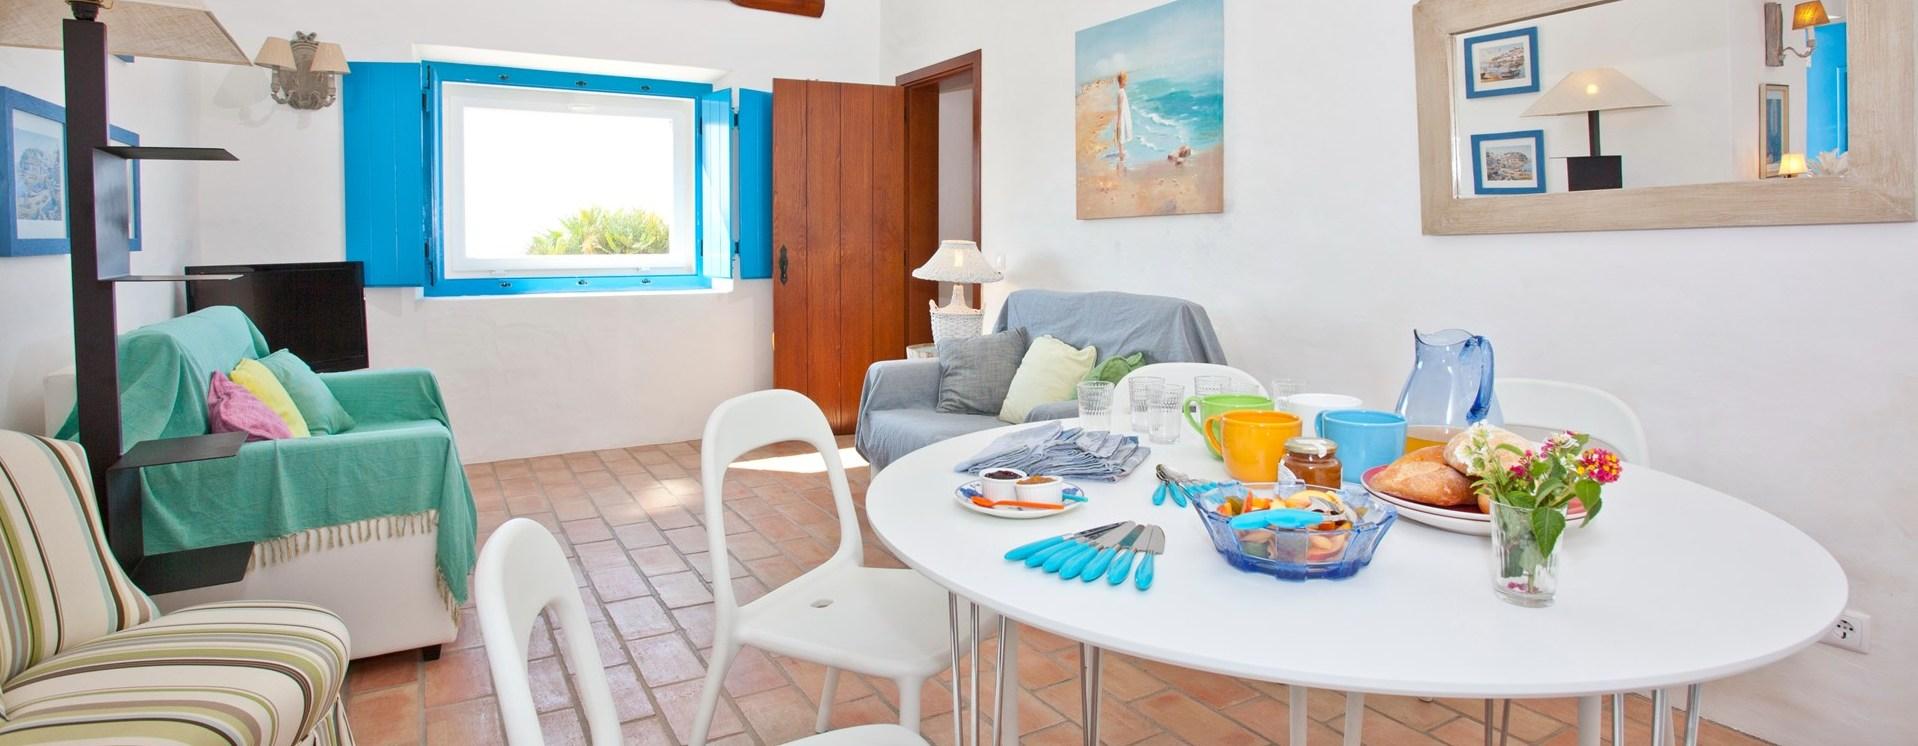 beach-cottage-interior